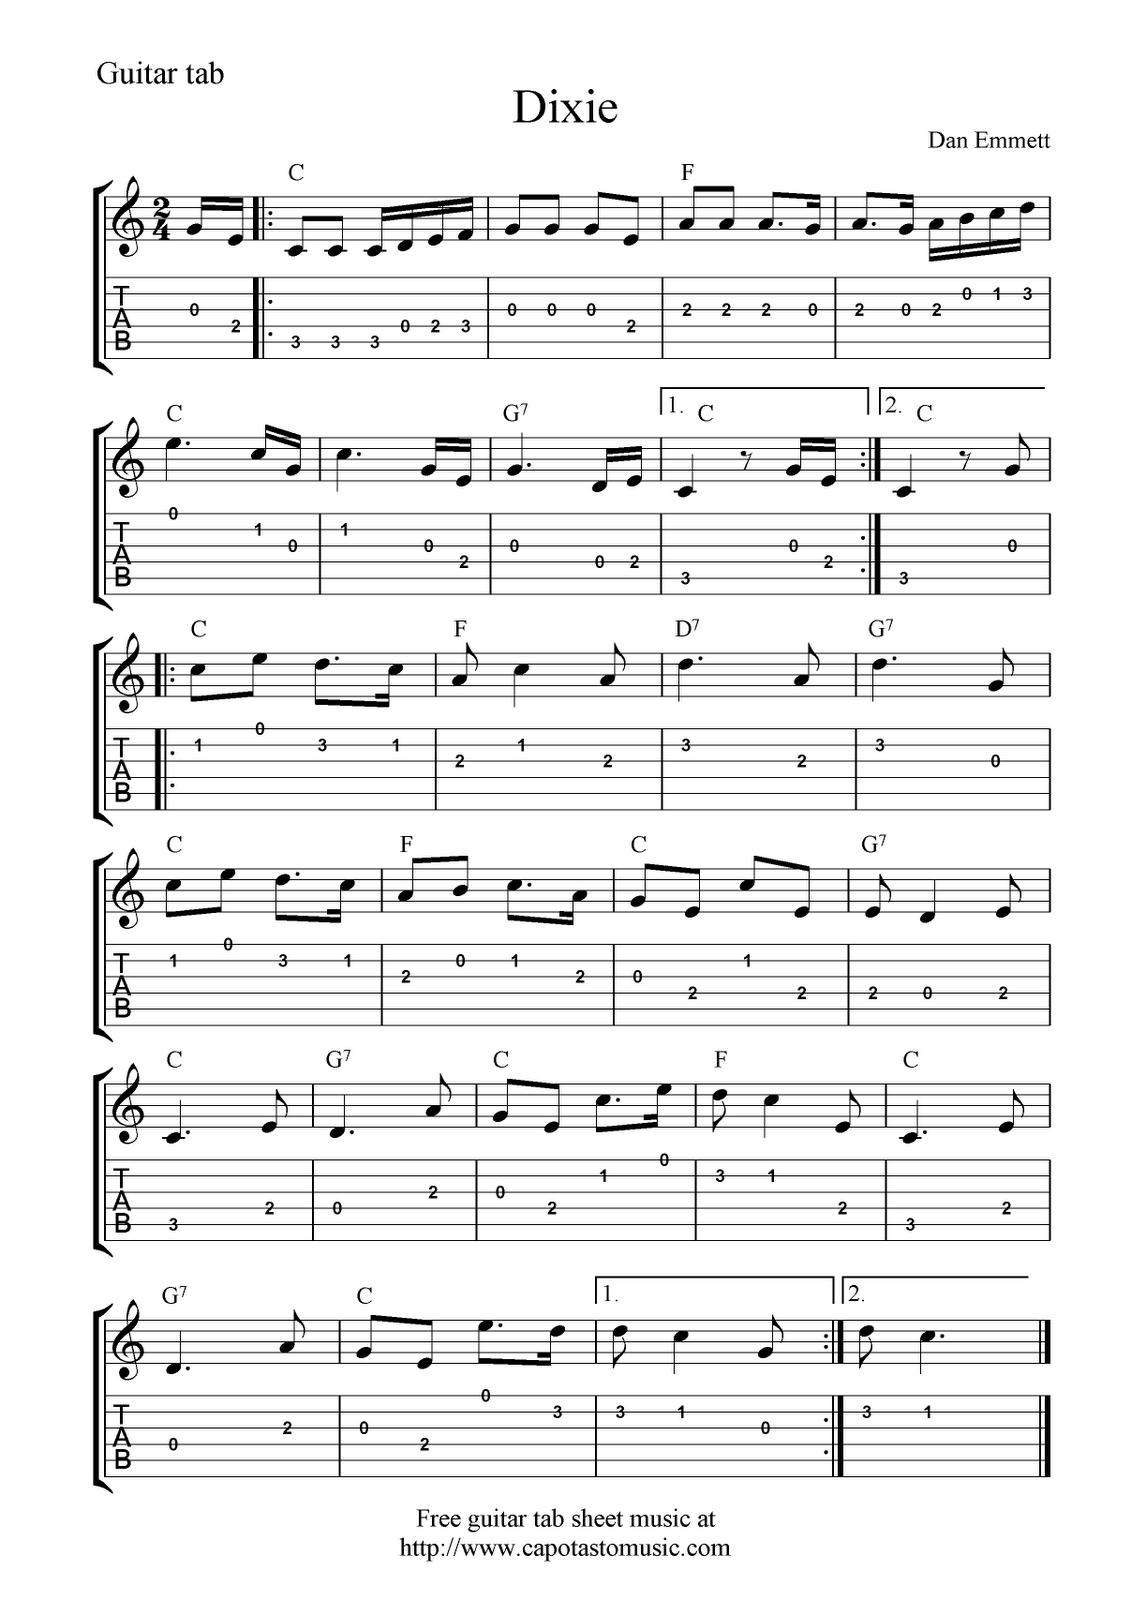 Free Sheet Music Scores Free Guitar Tab Sheet Music Dixie Guitar Tabs Guitar For Beginners Sheet Music